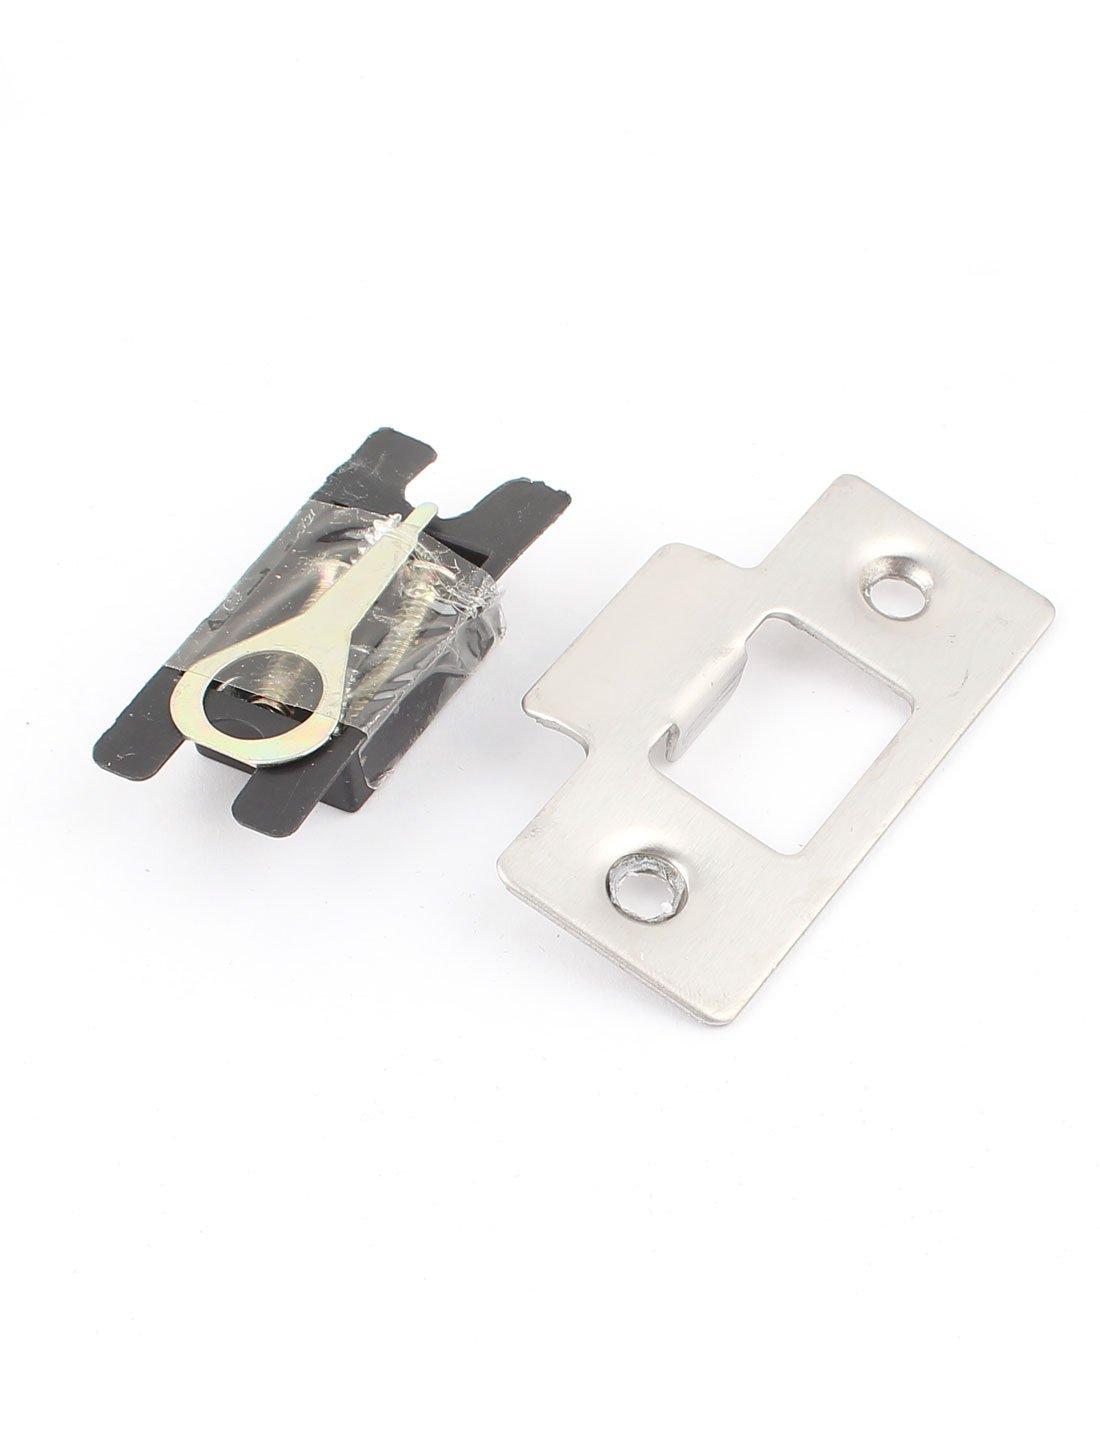 Aexit Serrure de porte /à cl/é /à poign/ée tubulaire en alliage de zinc /à la maison